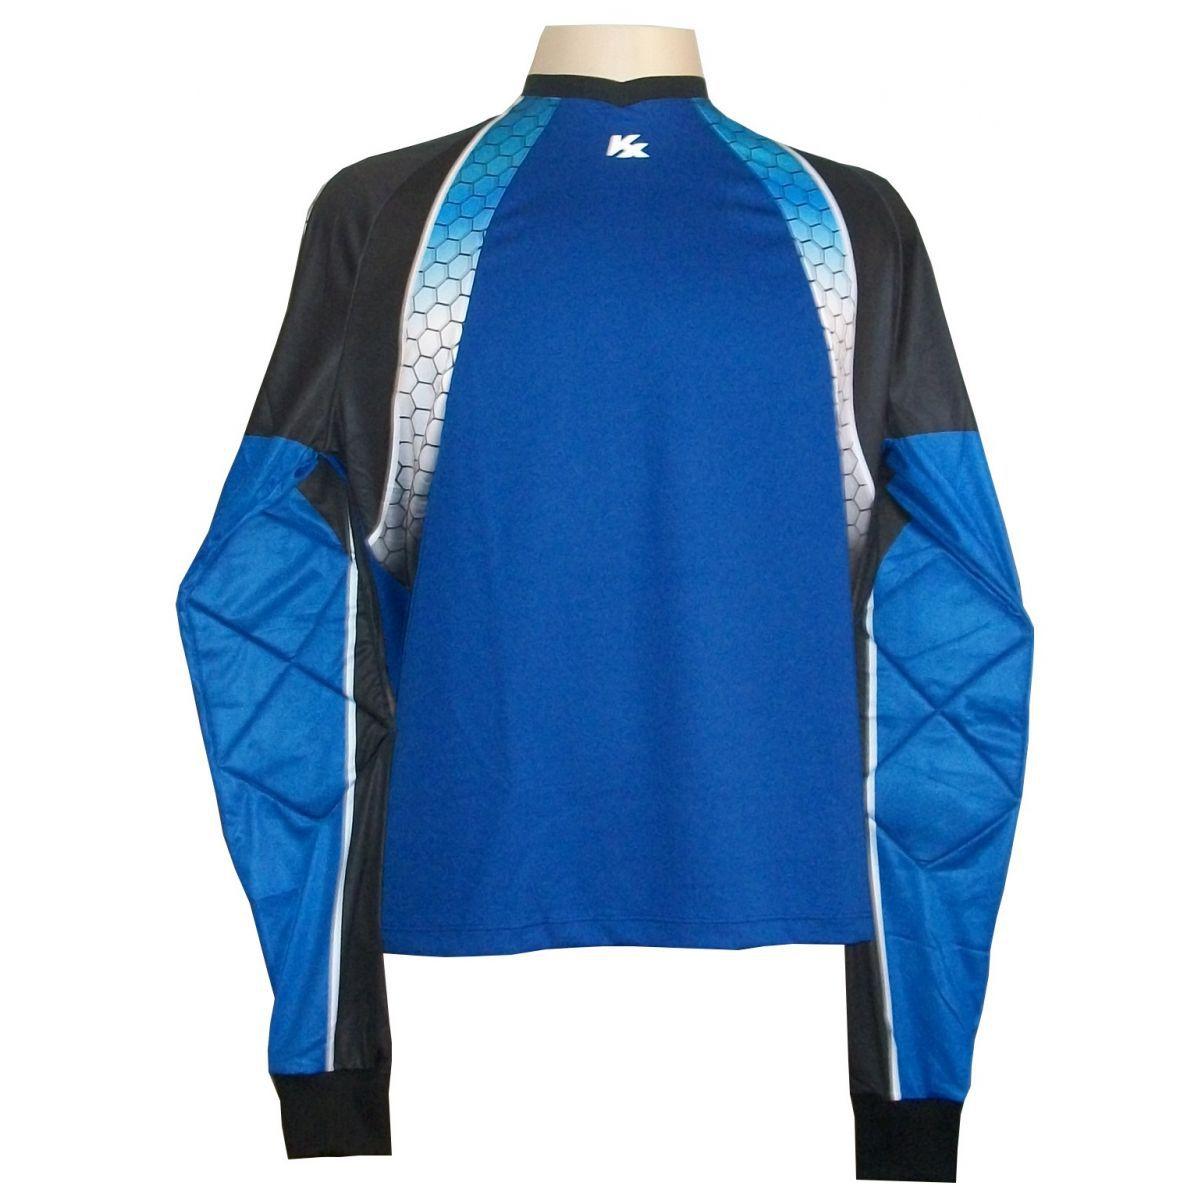 Camisa de Goleiro Profissional modelo Paraí Tam G Nº 1 Azul Royal/Preto - Kanxa